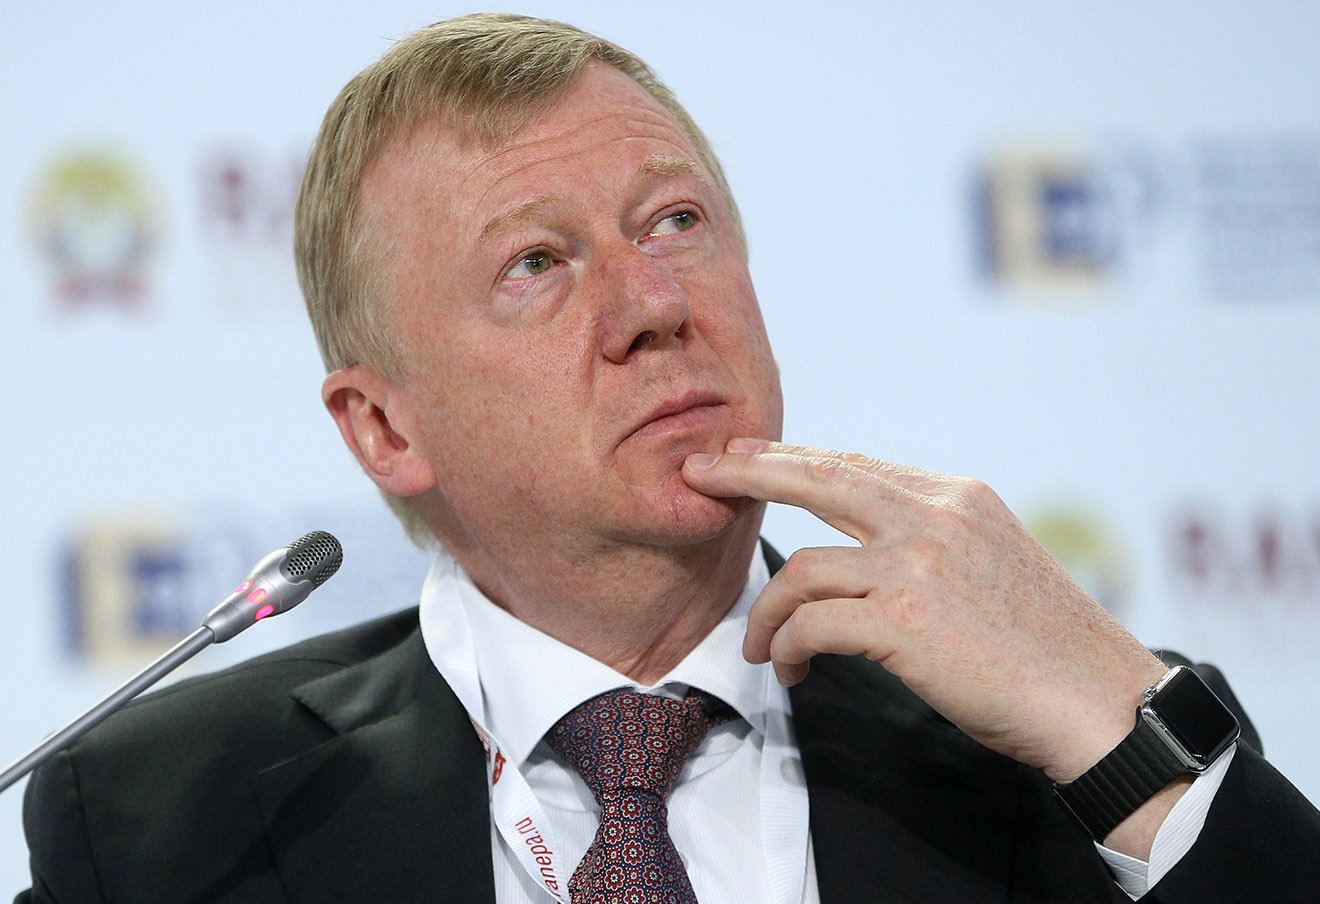 Анатолий Чубайс. Фото: Сергей Бобылев / ТАСС